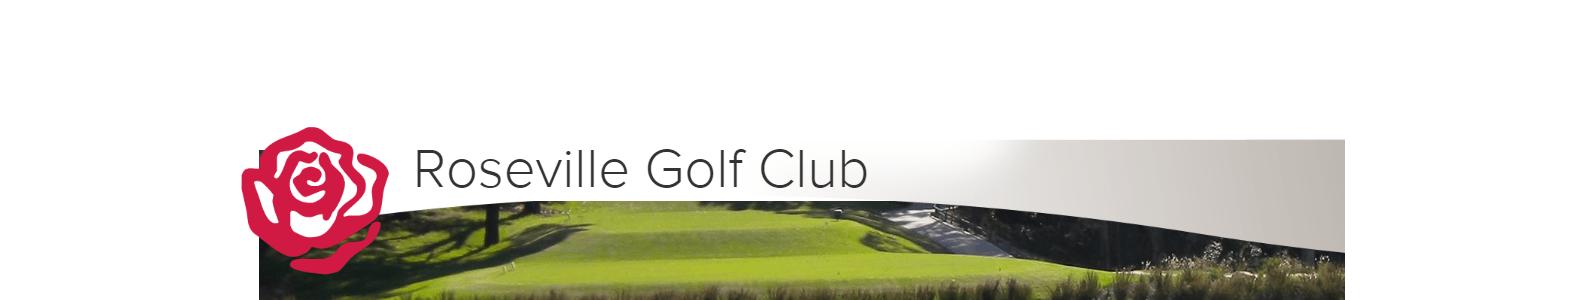 How to Register for Roseville Golf Club Bridge Games